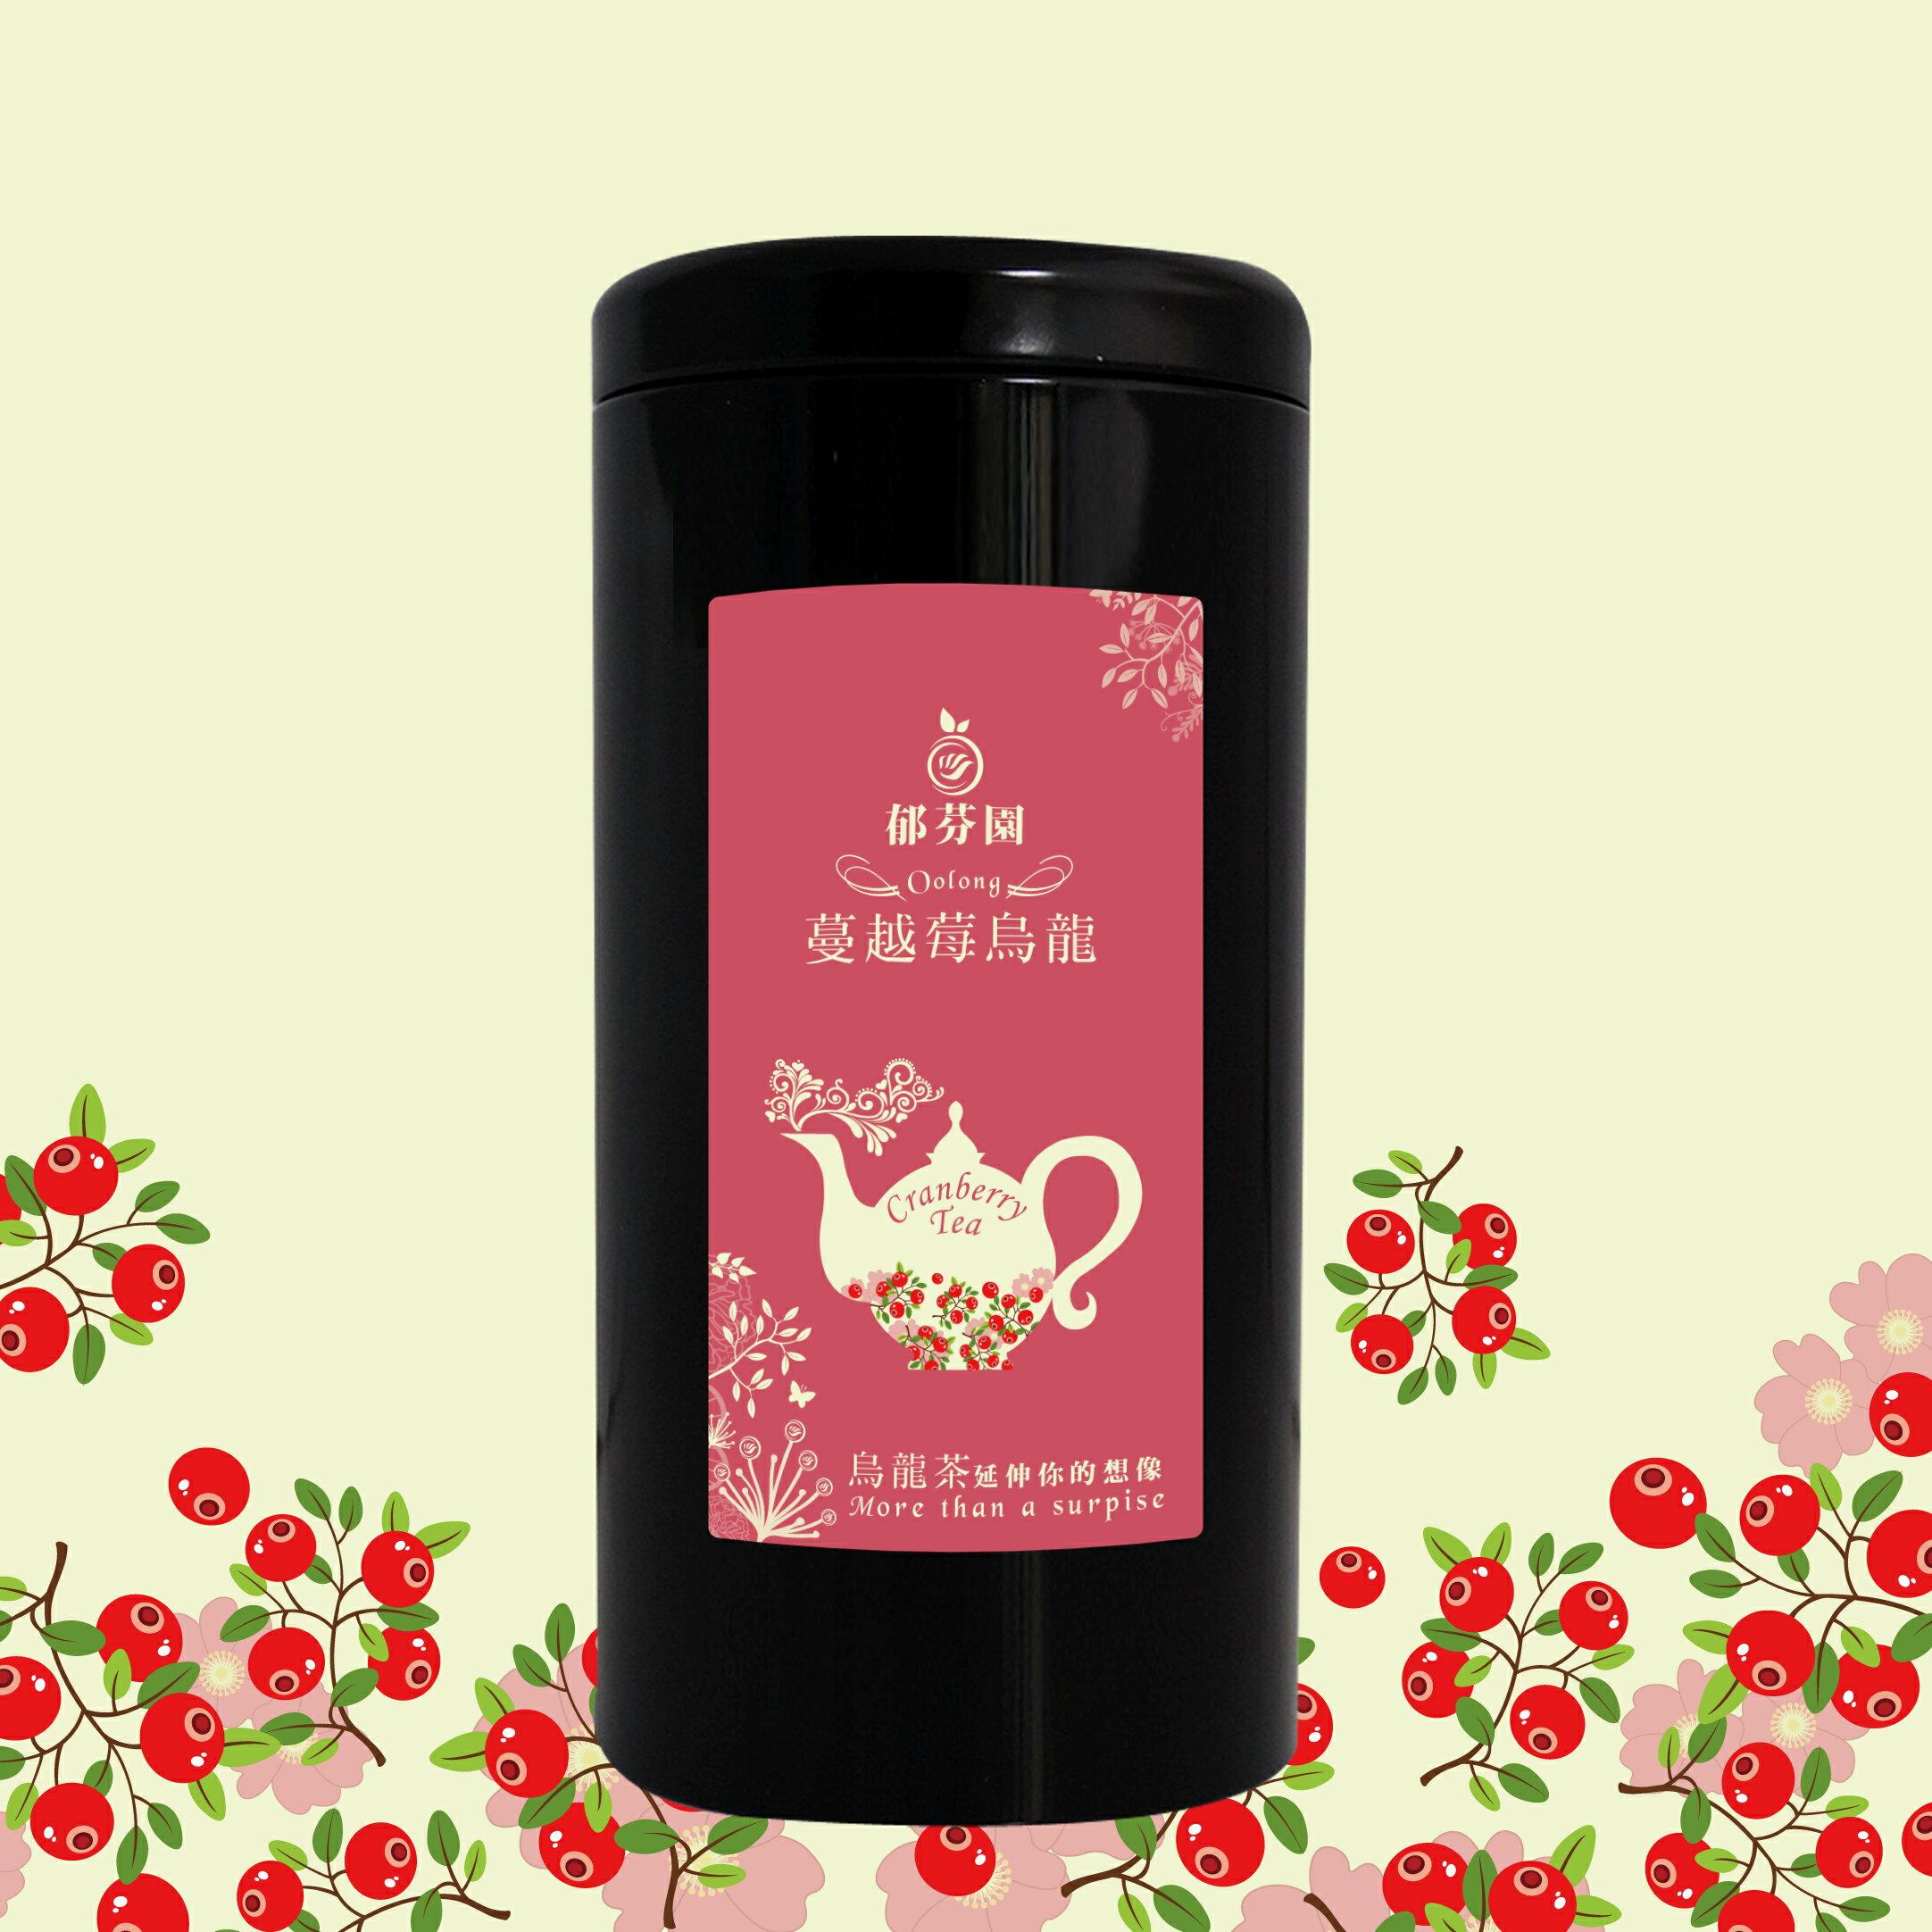 蔓越莓烏龍 100g/罐 Cranberry Oolong Tea ----- ★歐式烏龍茶/英式烏龍茶/歐式下午茶/英式下午茶/蔓越莓茶/水果茶